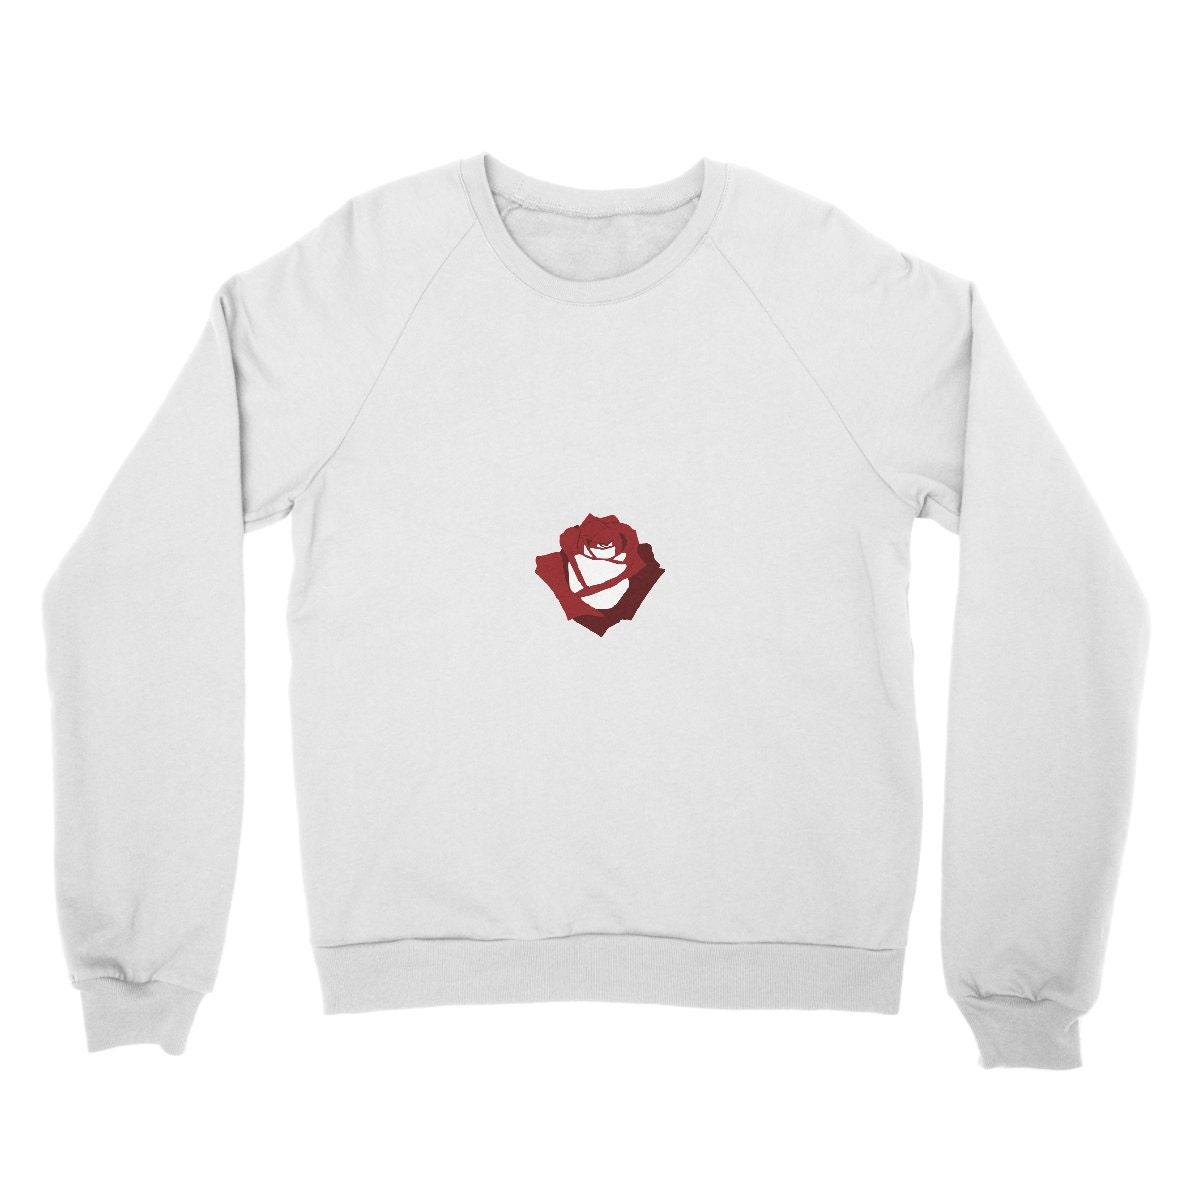 Osiria Rose vêtements Sweatshirt Grunge vêtements Rose drôle amusant tumblr hipster swag grunge goth punk nouveau rétro vtg té 90 symbole japonais kawaii b6d902